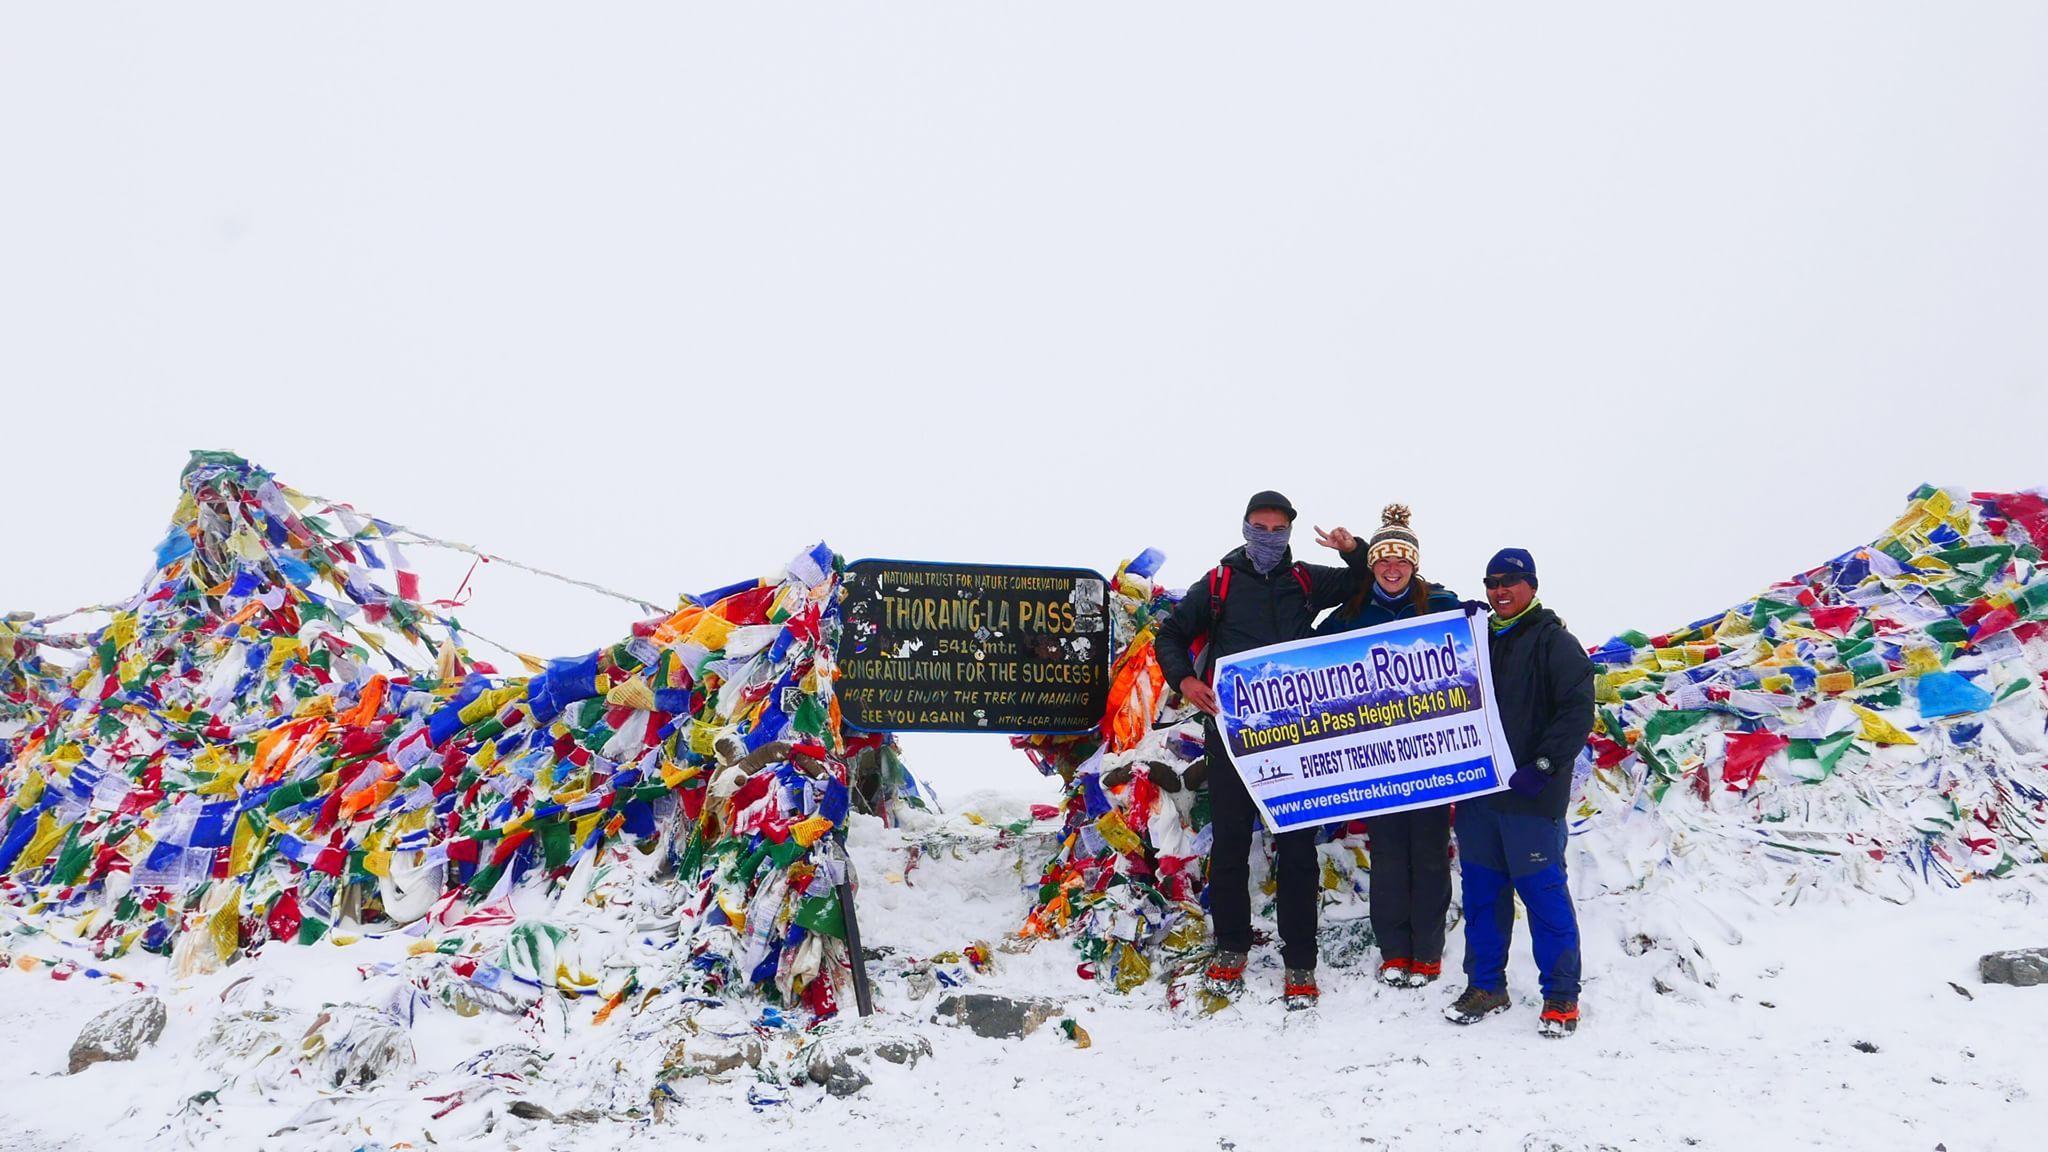 Annapurna round trek over the thorongla pass from everest